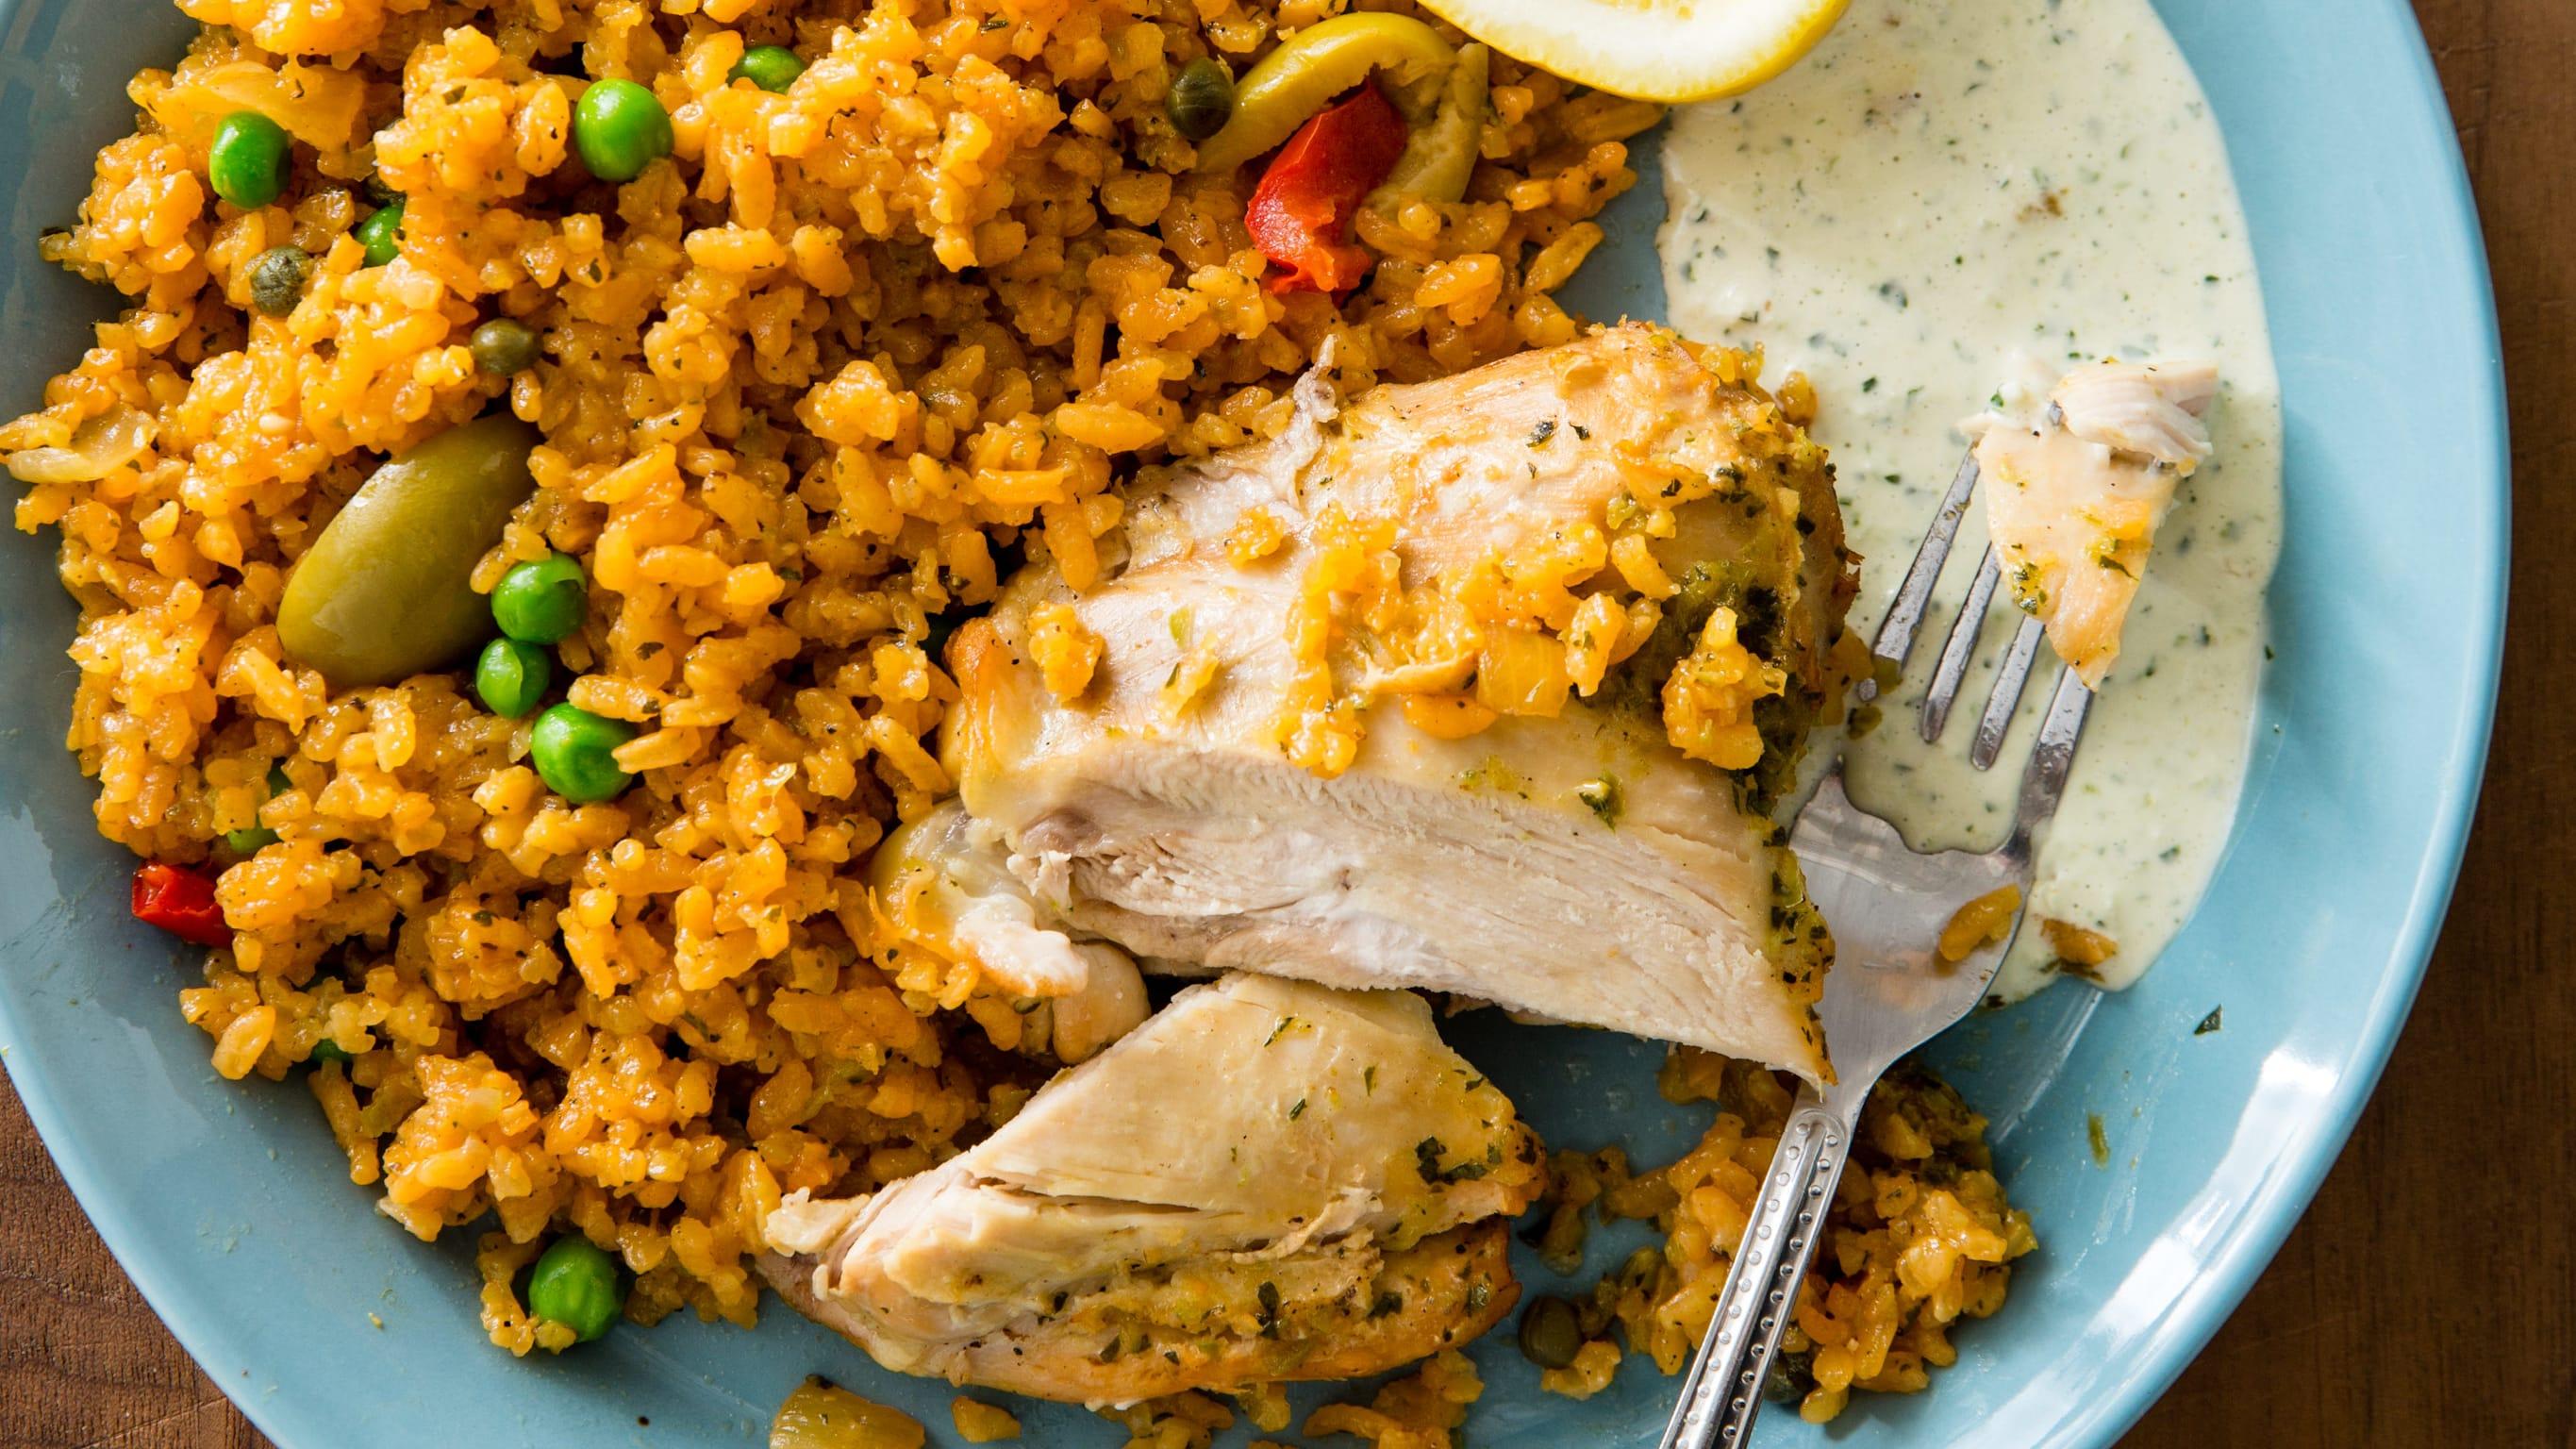 31025 sfs arroz con pollo 9